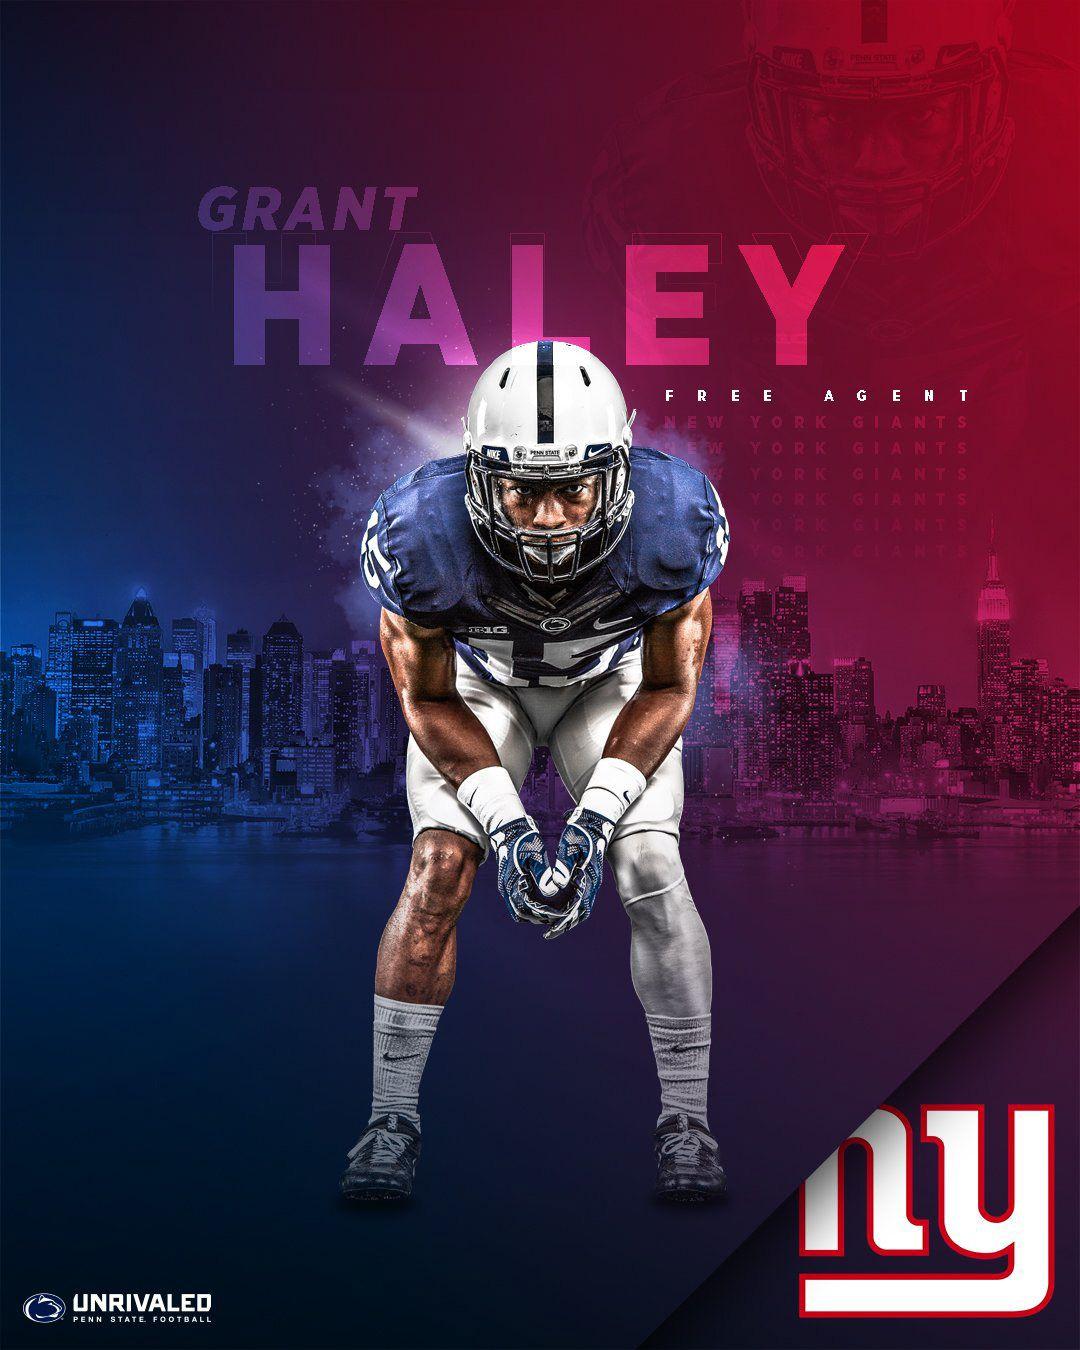 Penn State Football 2018 Nfl Draft On Behance In 2020 Penn State Football Penn State New York Giants Football